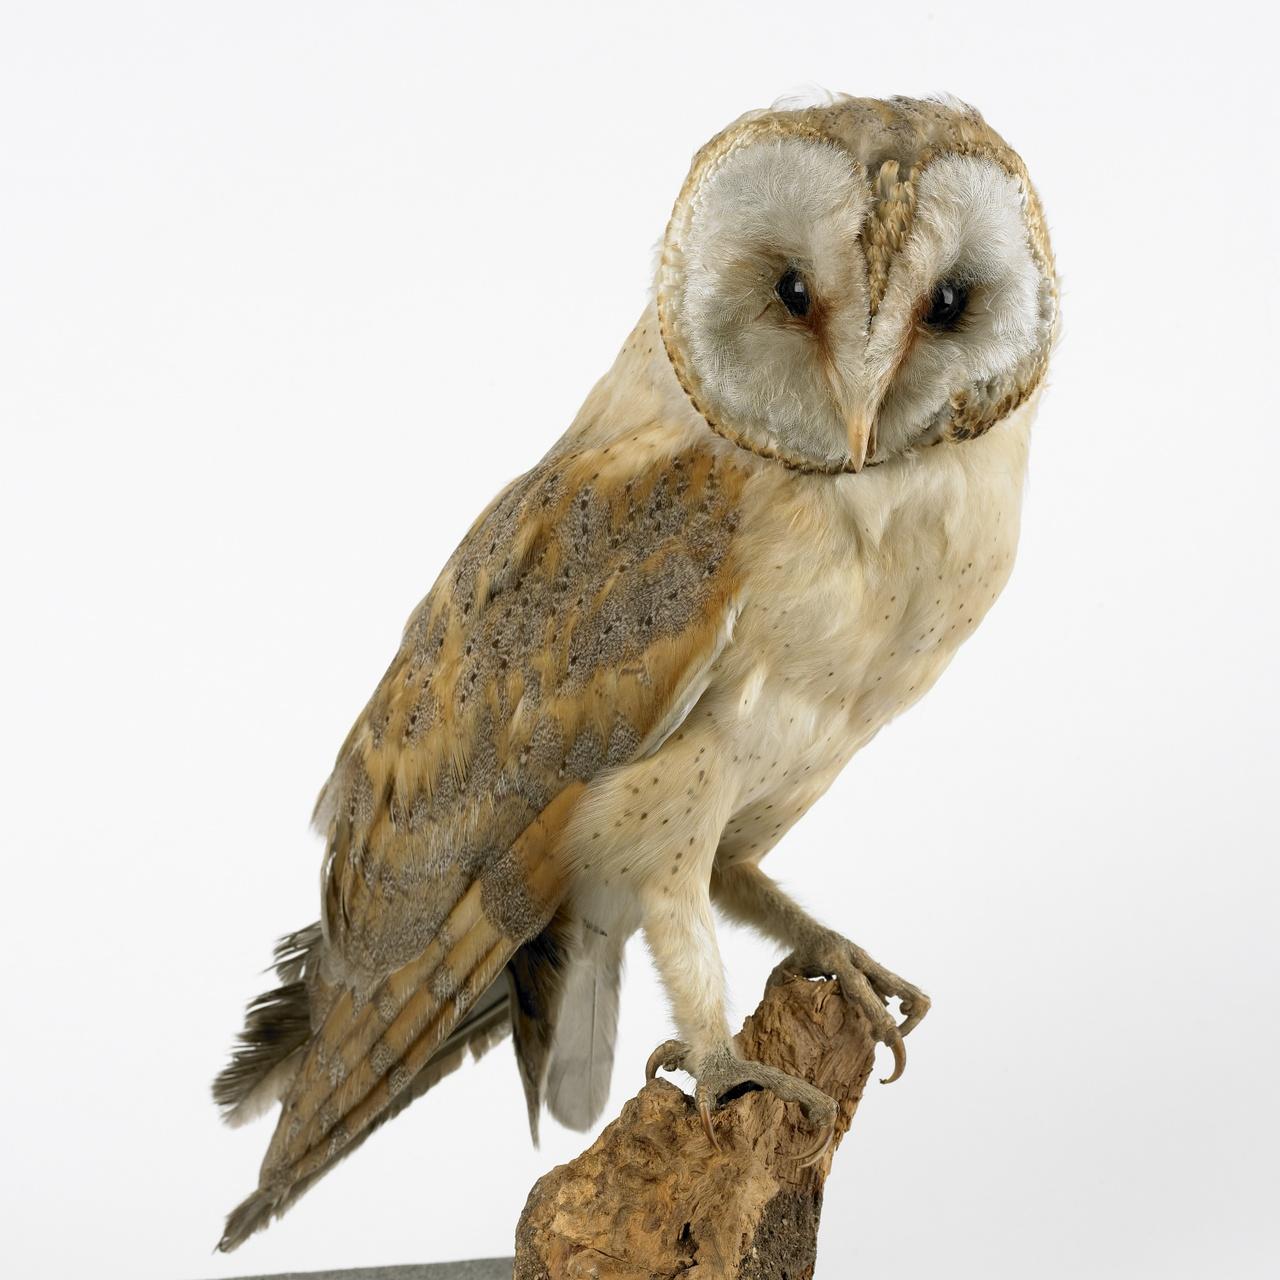 Tyto alba (Scopili, 1769), Kerkuil, opgezette vogel